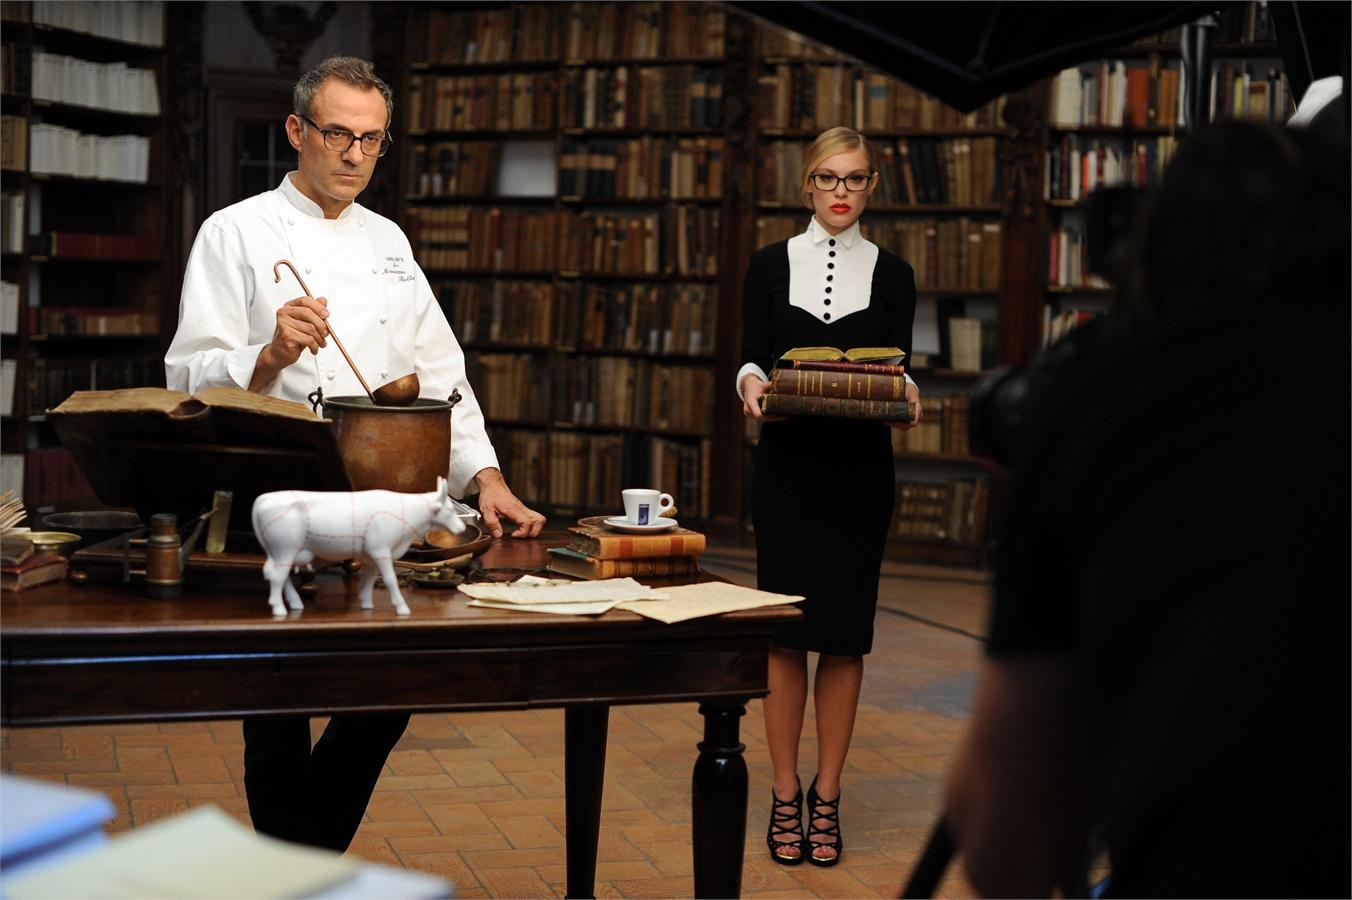 Le foto del calendario lavazza 2014 con i grandi chef - Chef titanium con voz ...